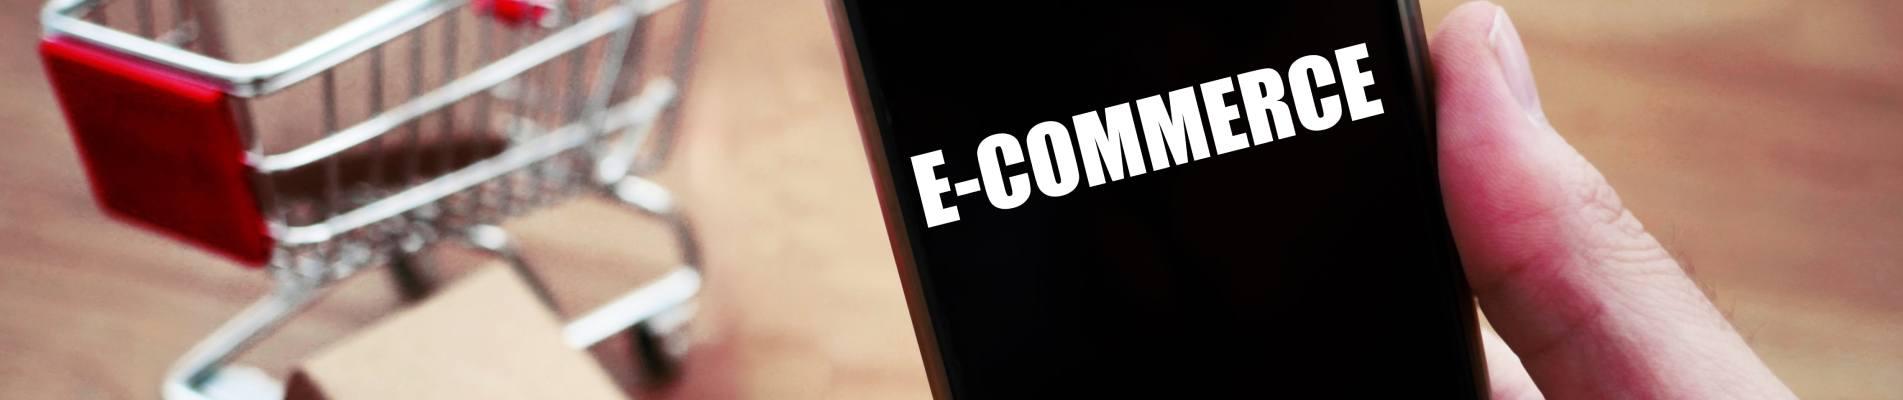 e-commerce platform for B2B businesses